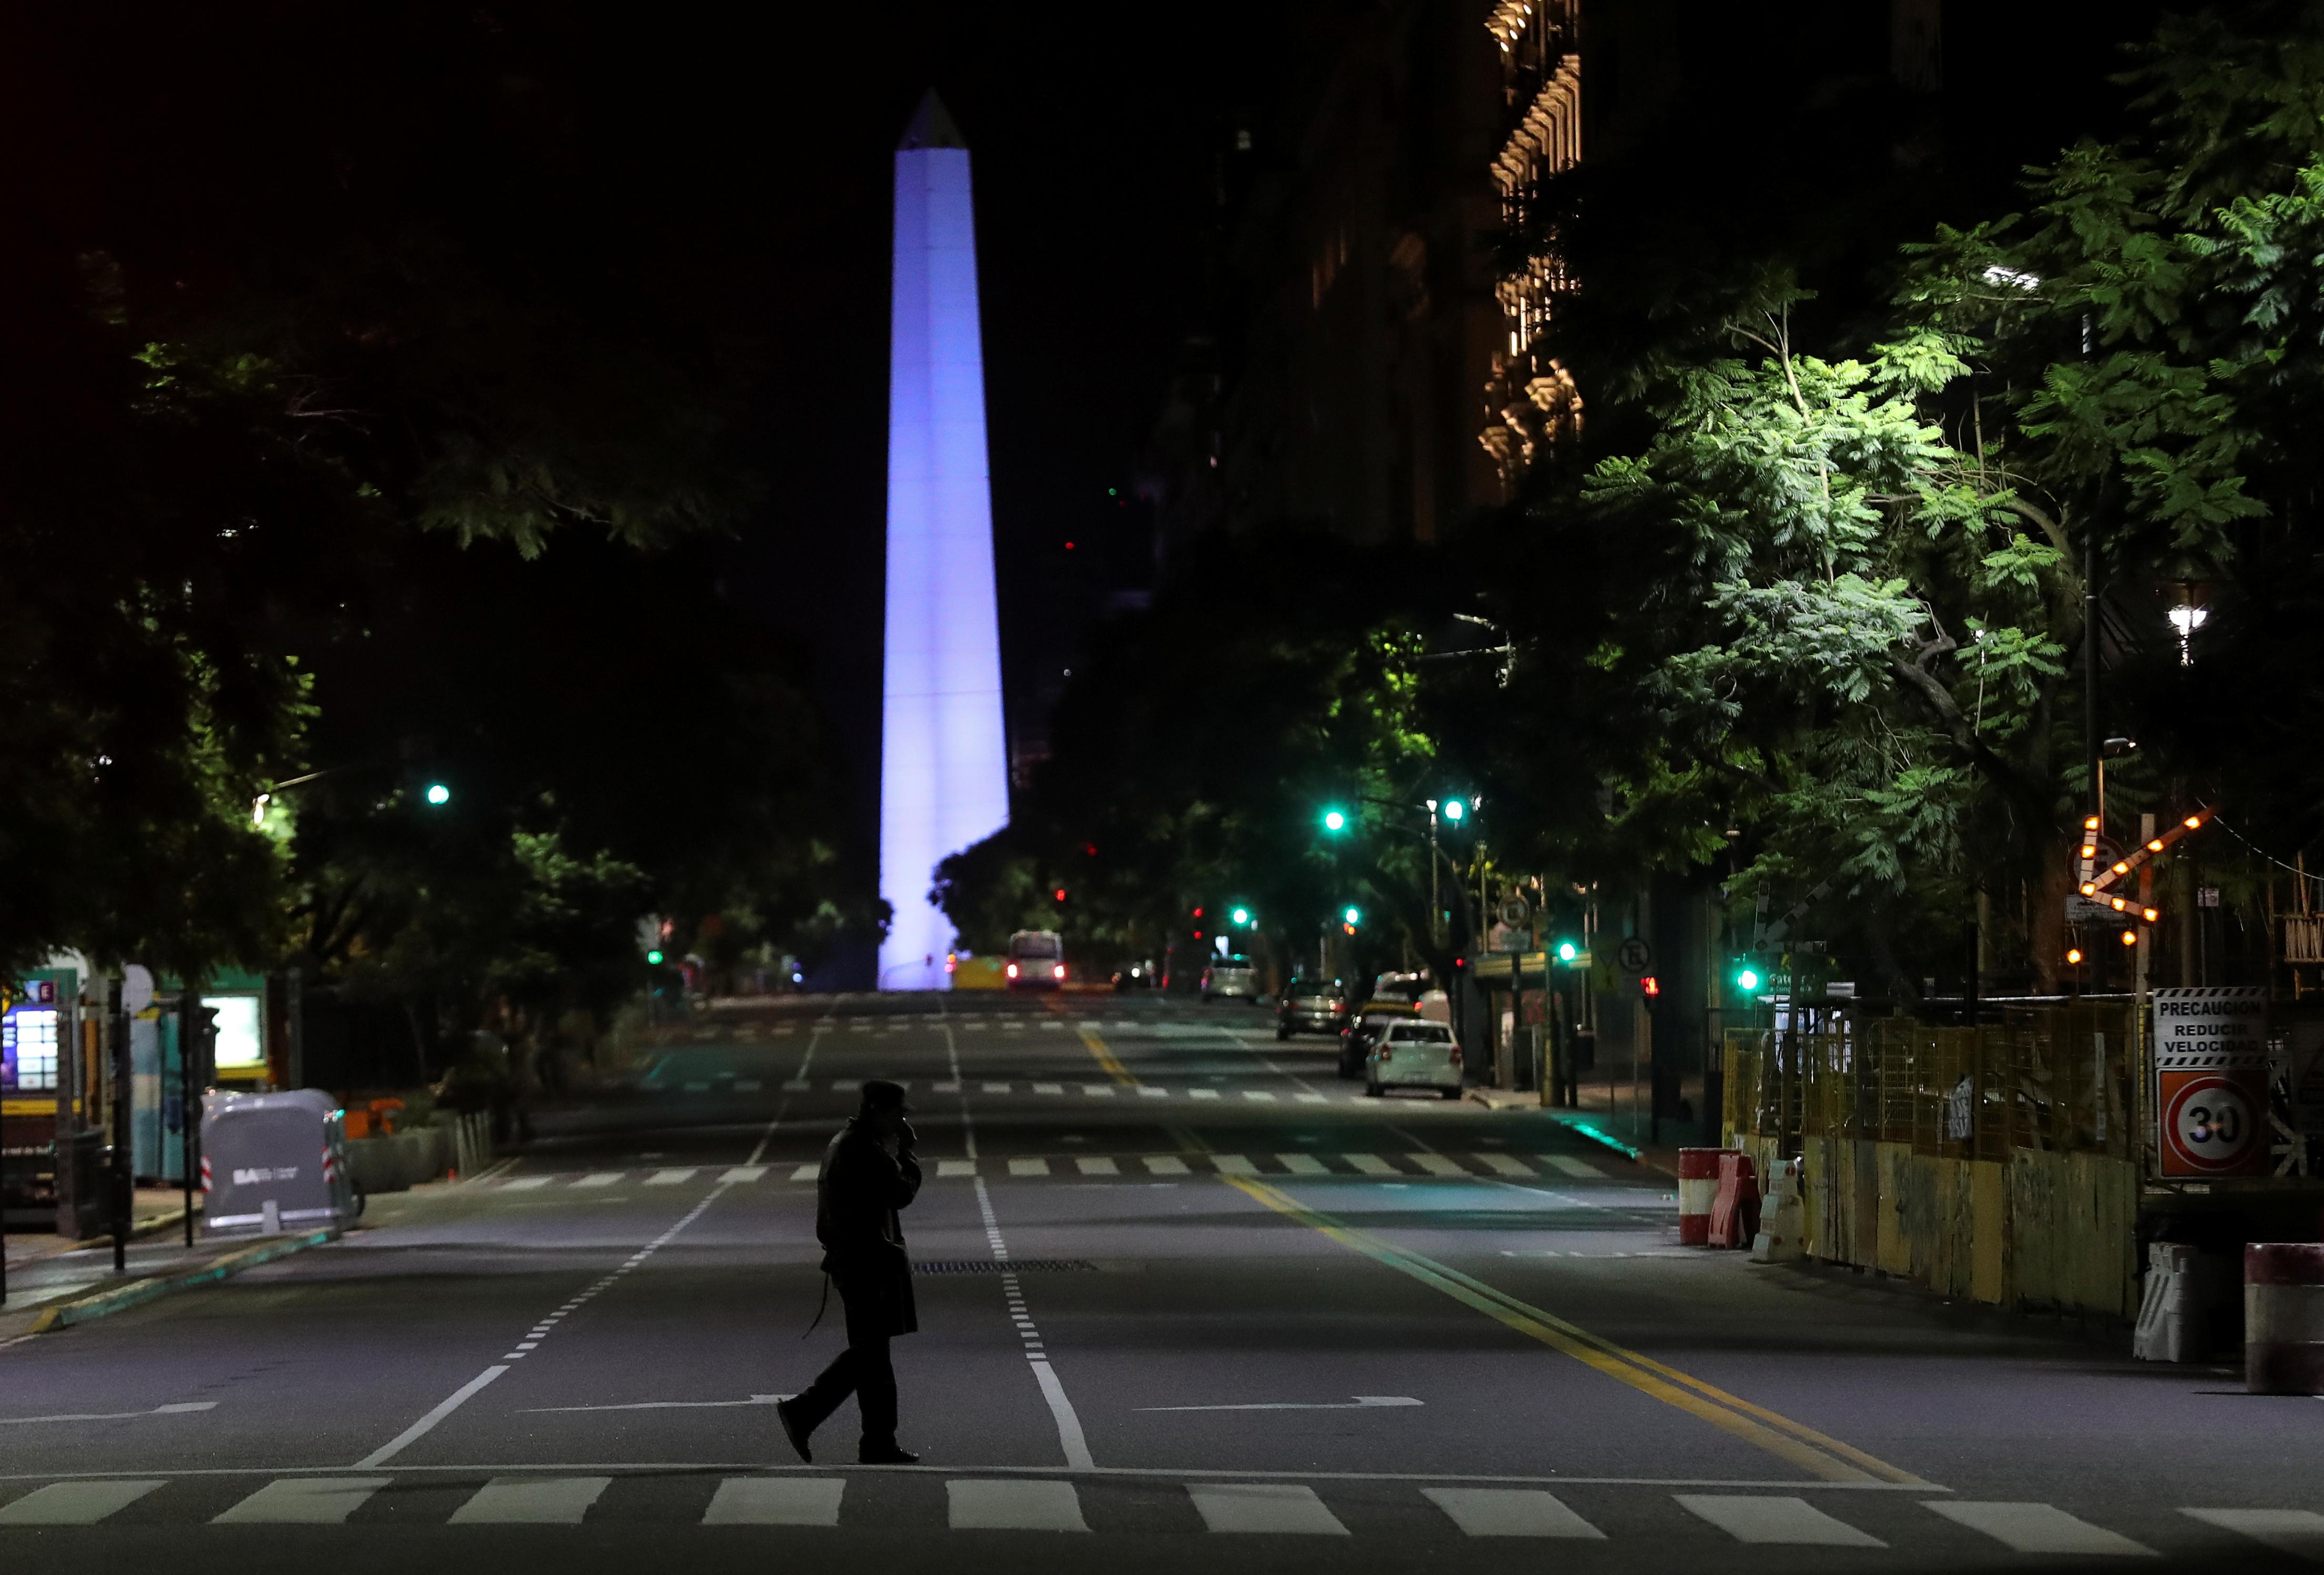 El 2 de abril, en la soledad de Buenos Aires, un oficial de policía camina frente a la silueta del Obelisco porteño. Esa noche, así como el Monumento a los Españoles, la Pirámide de Mayo, la Plaza Congreso, el Planetario, y el Puente de la Mujer se iluminó de color azul en el marco del Día Mundial de la Concientización sobre el Autismo